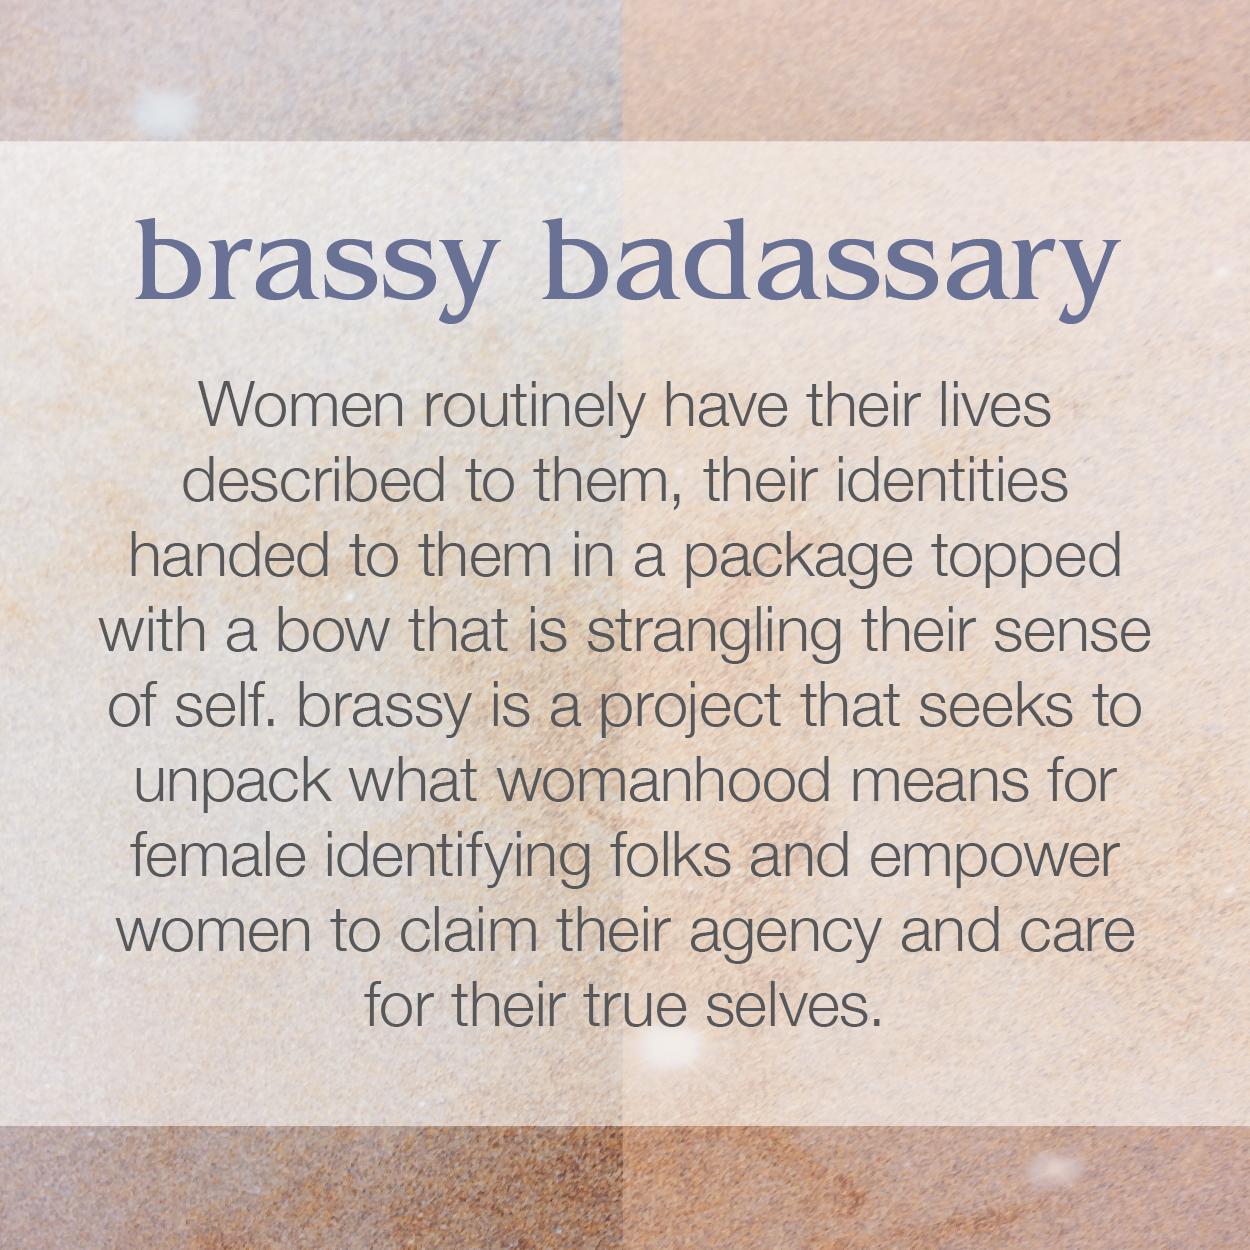 brassy_badassery-01.png